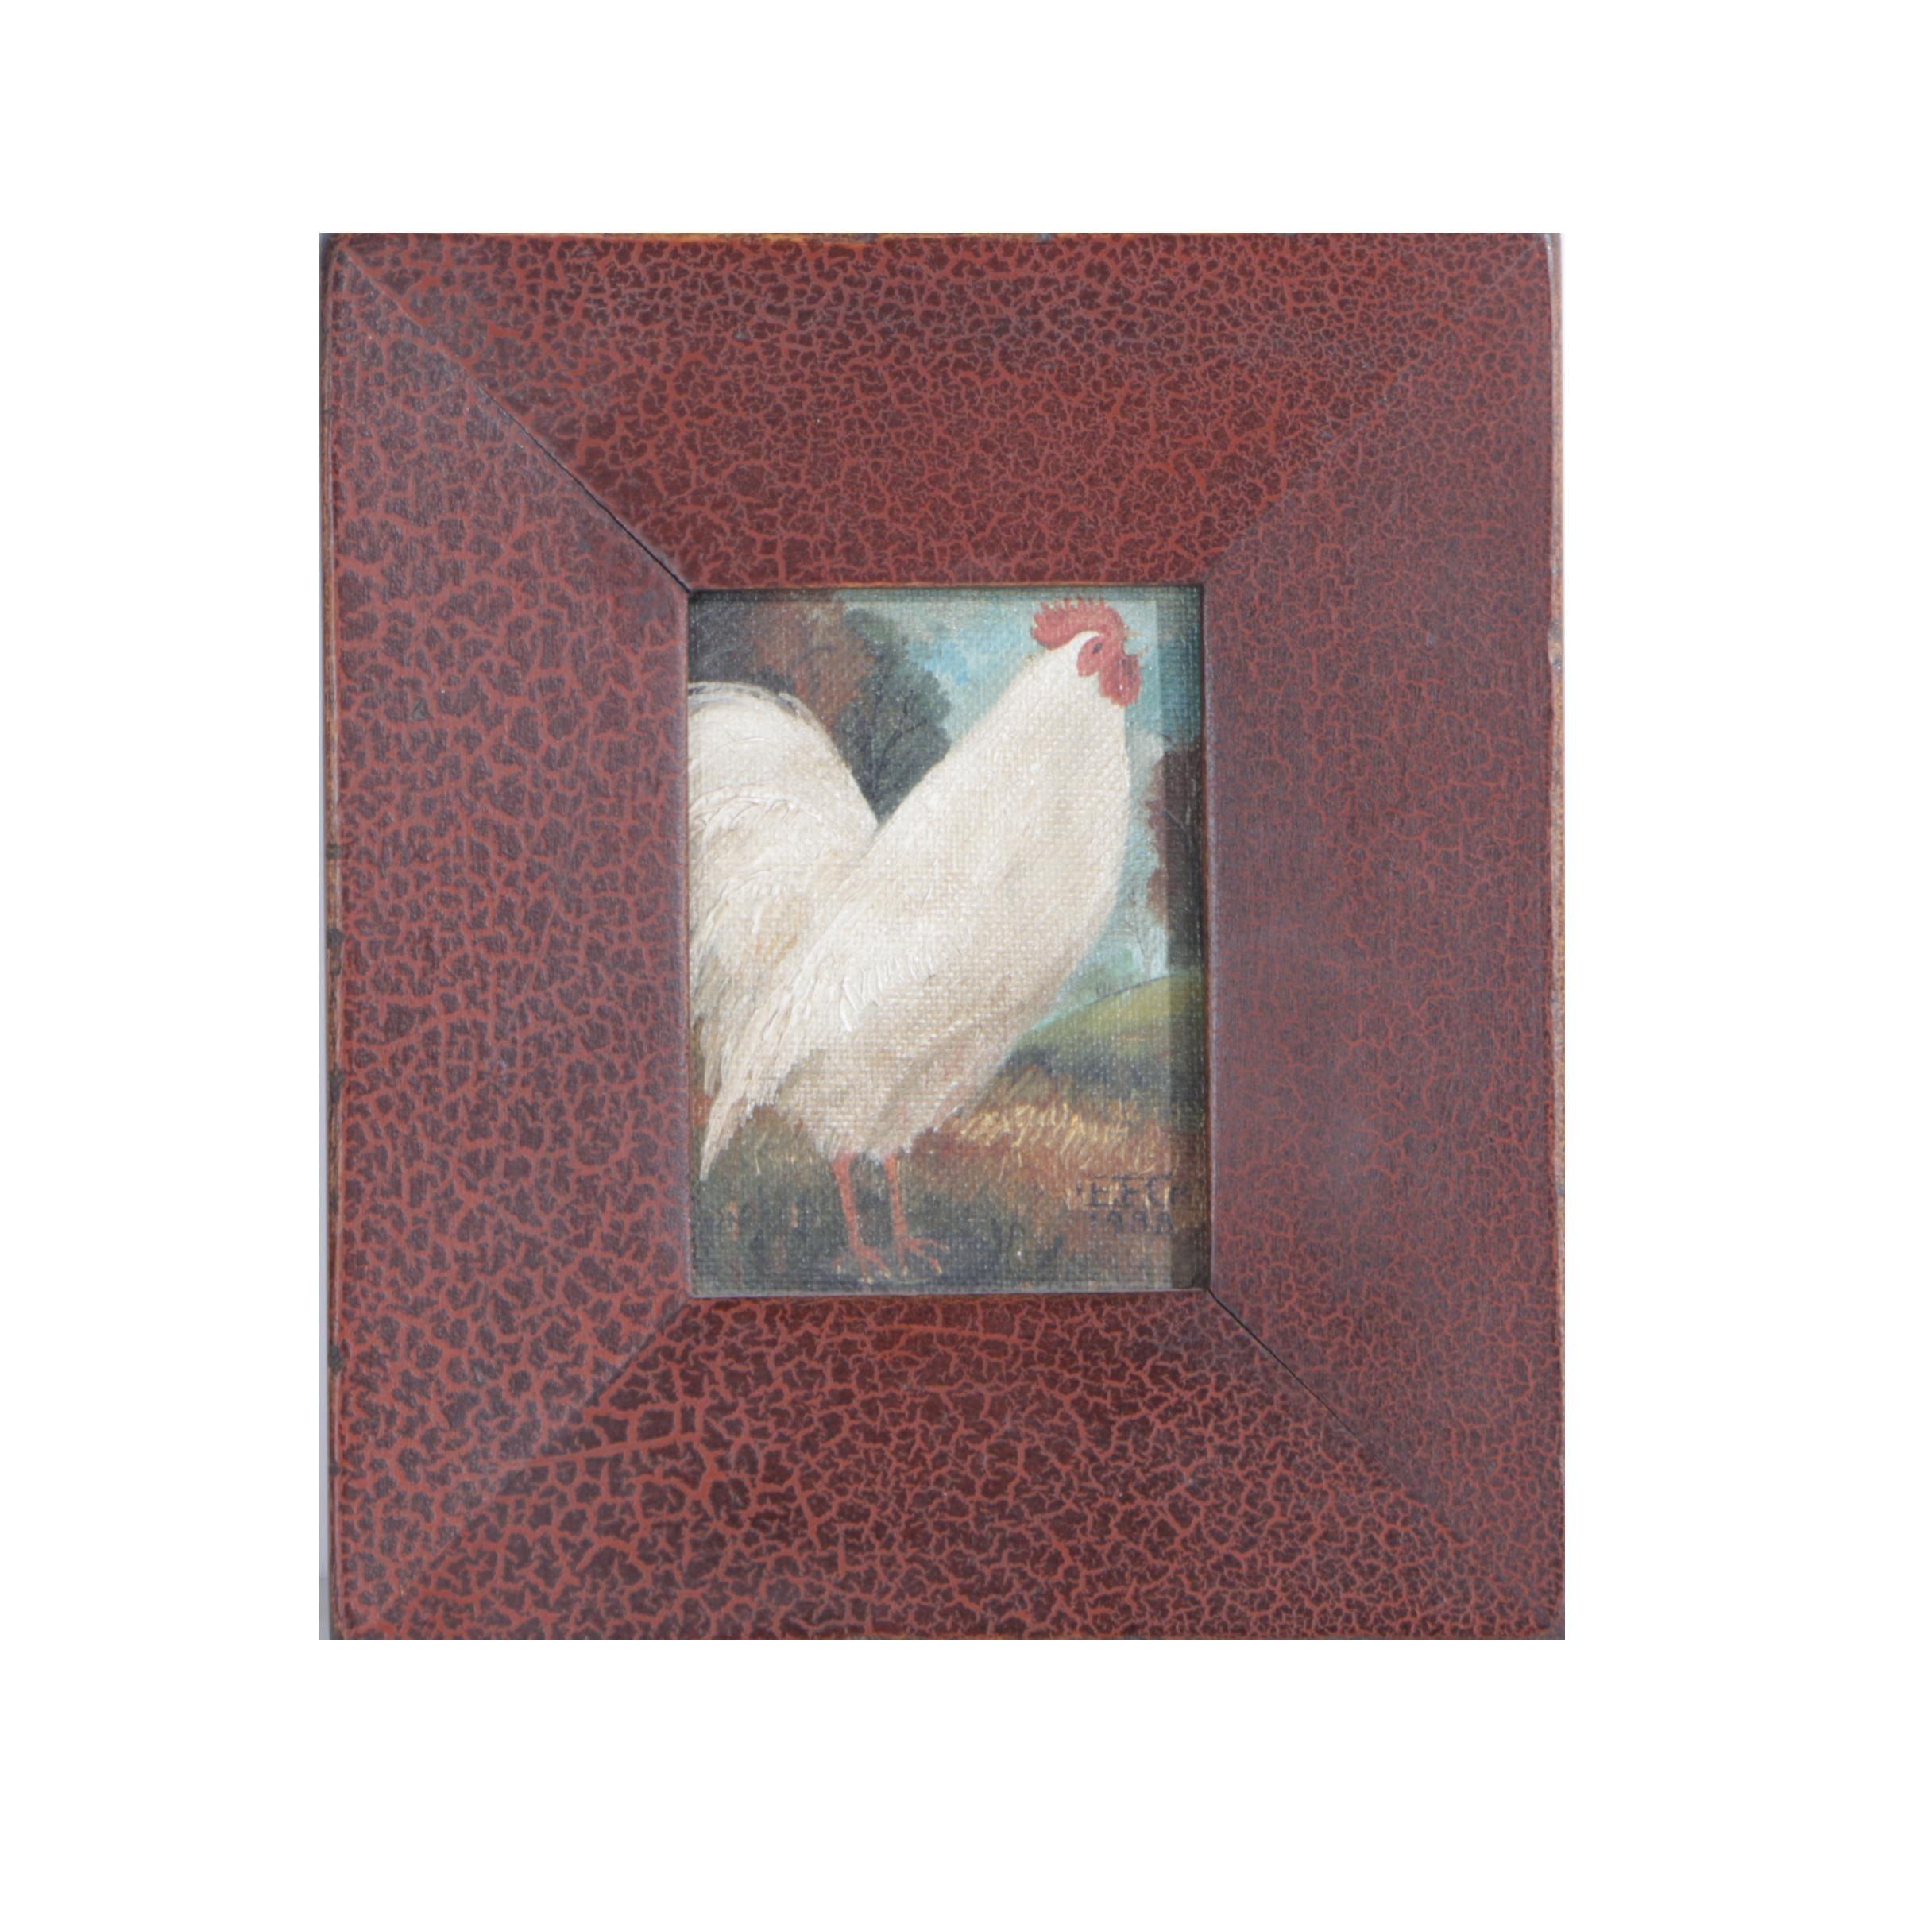 Charming Elizabeth Gilkey Folk Art Rooster Oil on Canvas